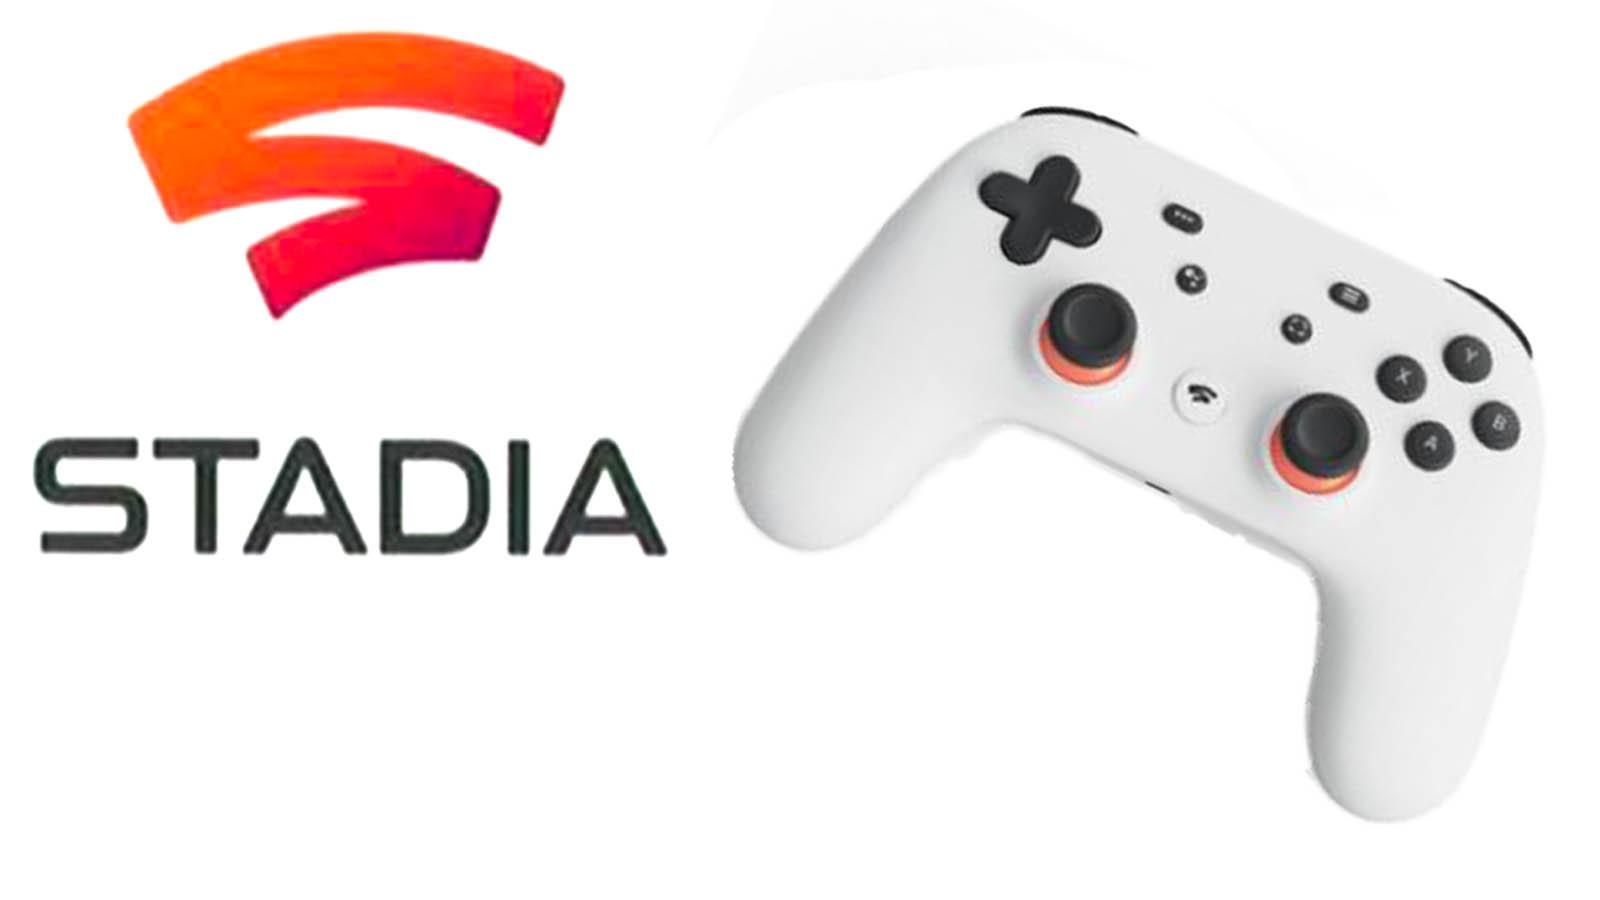 Google anunció Stadia, una plataforma de videojuegos por streaming